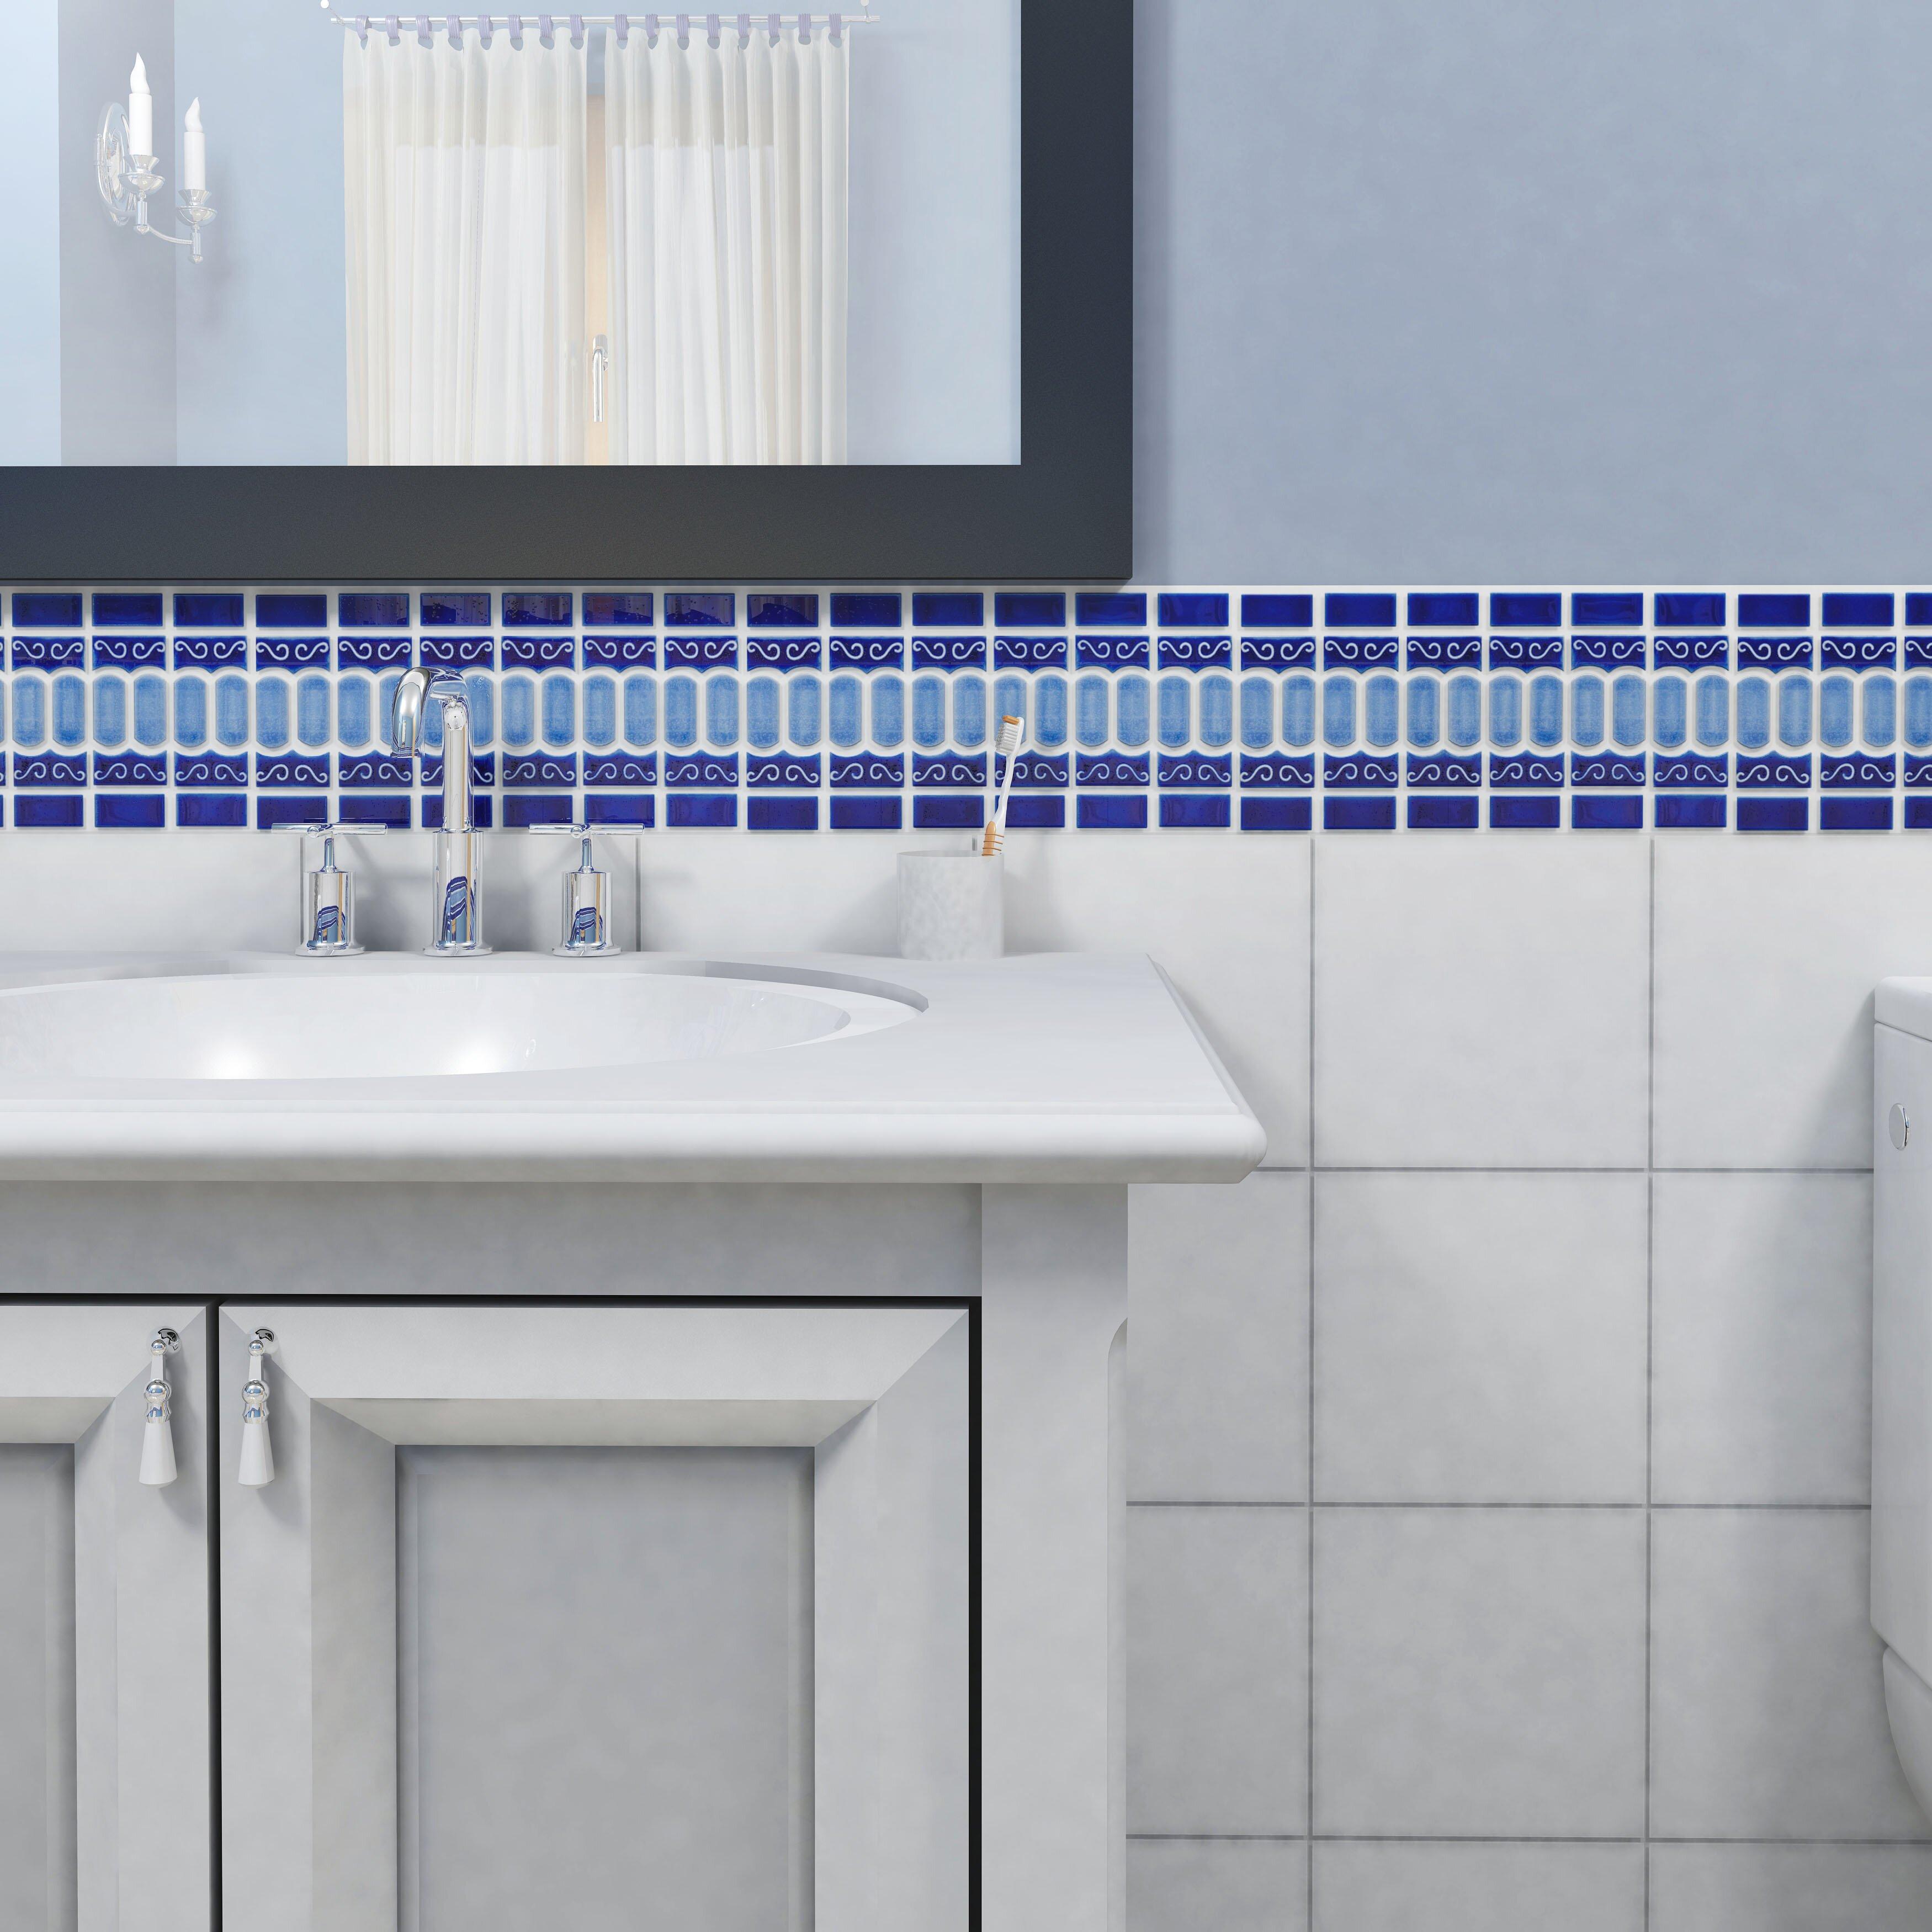 Elitetile Emilia 11 5 Quot X 13 125 Quot Porcelain Mosaic Tile In